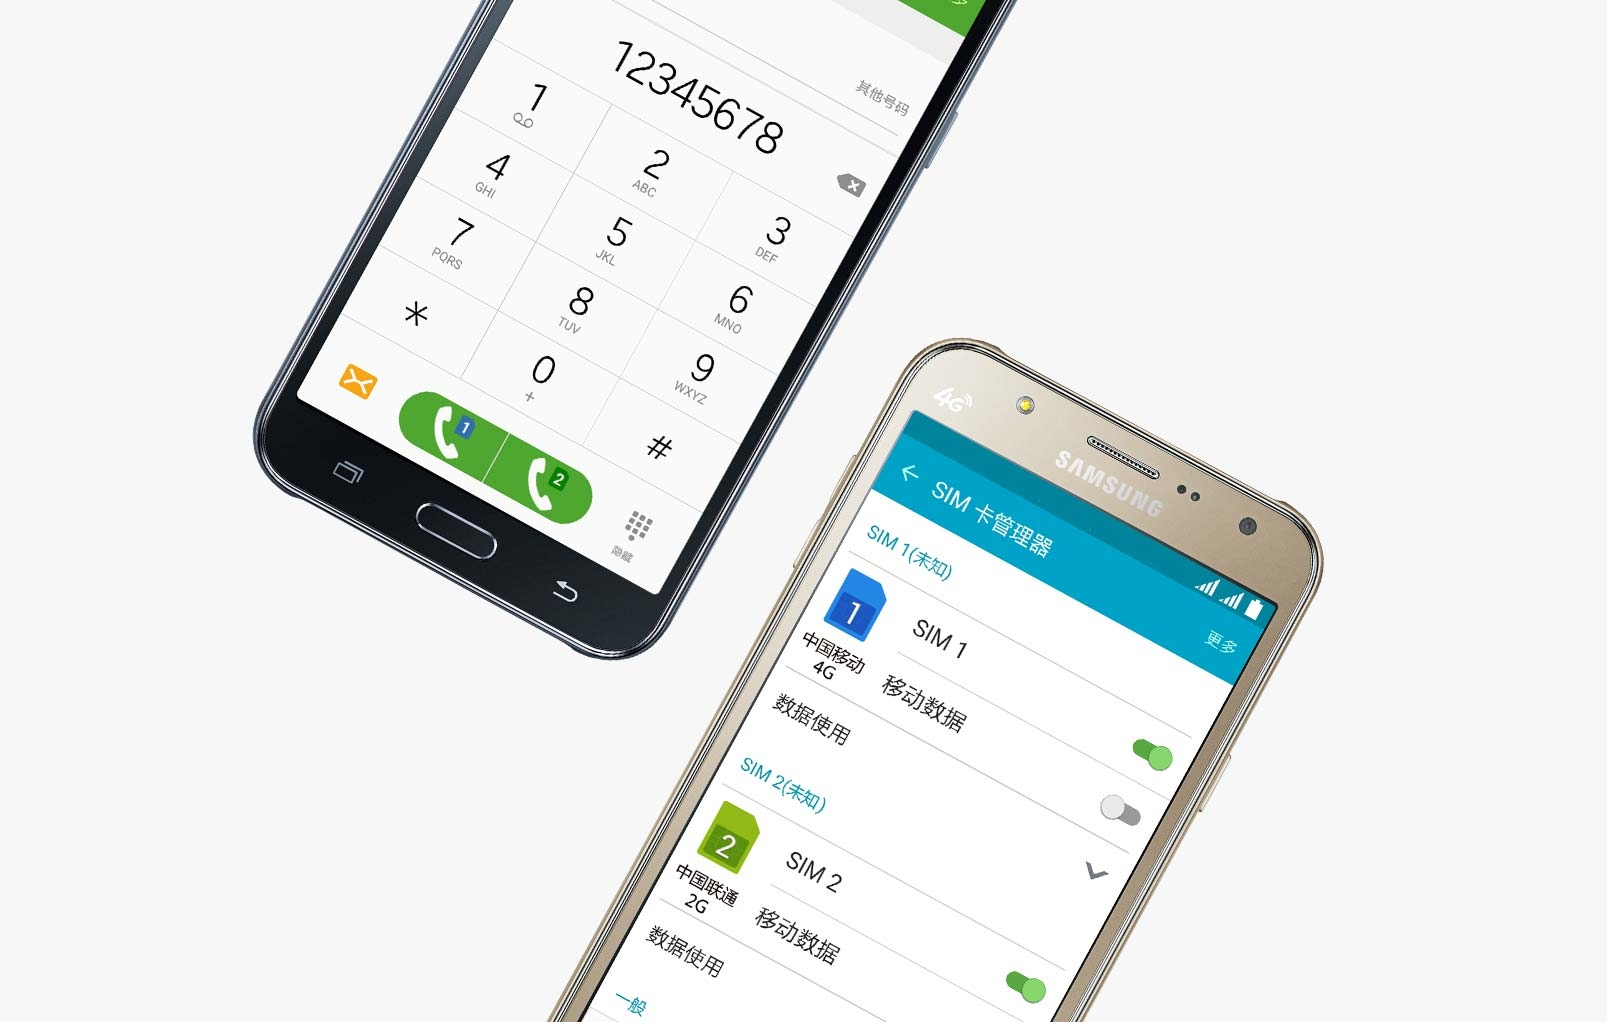 مشخصات مدل Galaxy J7 2016 توسط GFXBench منتشر شد